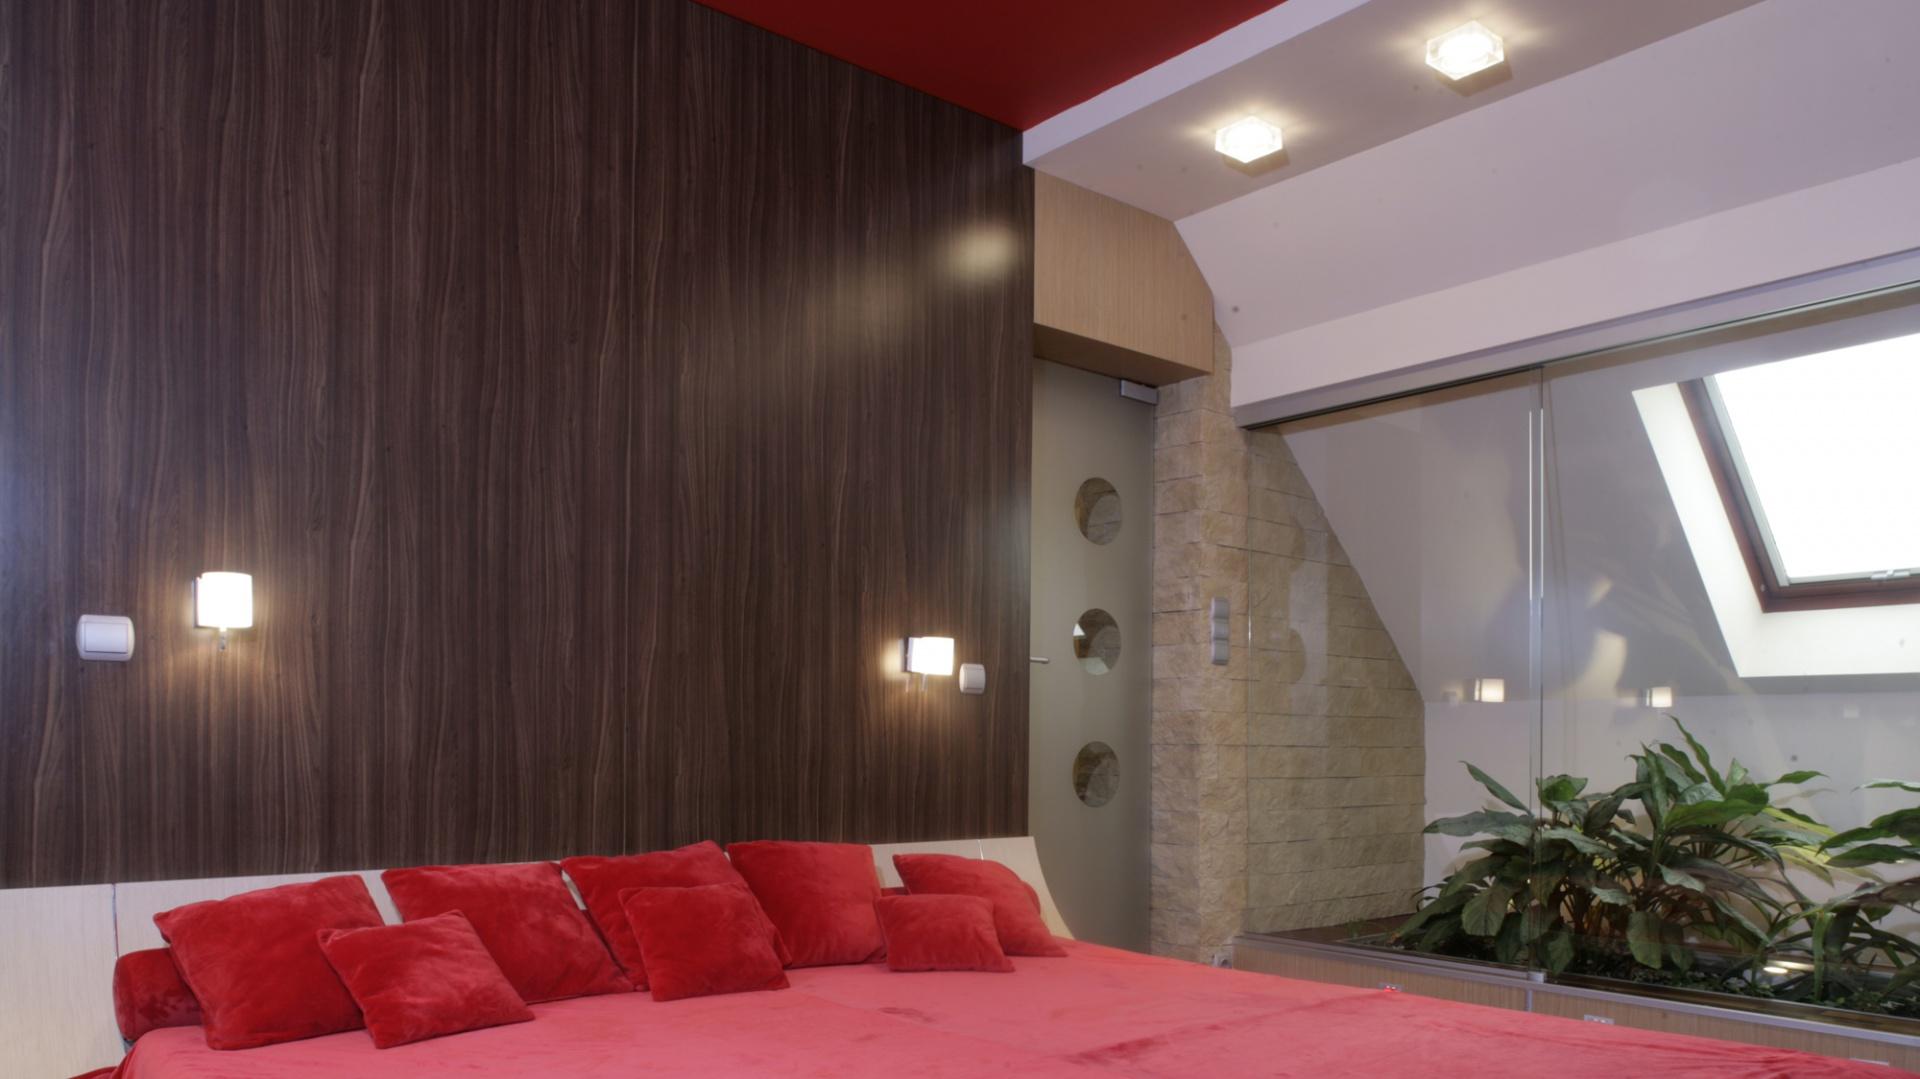 Świeże kwiaty i gorąca, zmysłowa czerwień - oto coś dla osób, lubiących się w łóżku trochę dłużej   powylegiwać i śnić o przyjemnych rzeczach. Zwłaszcza w tak imponującym rozmiarami i urodą łóżku! Fot. Monika Filipiuk.